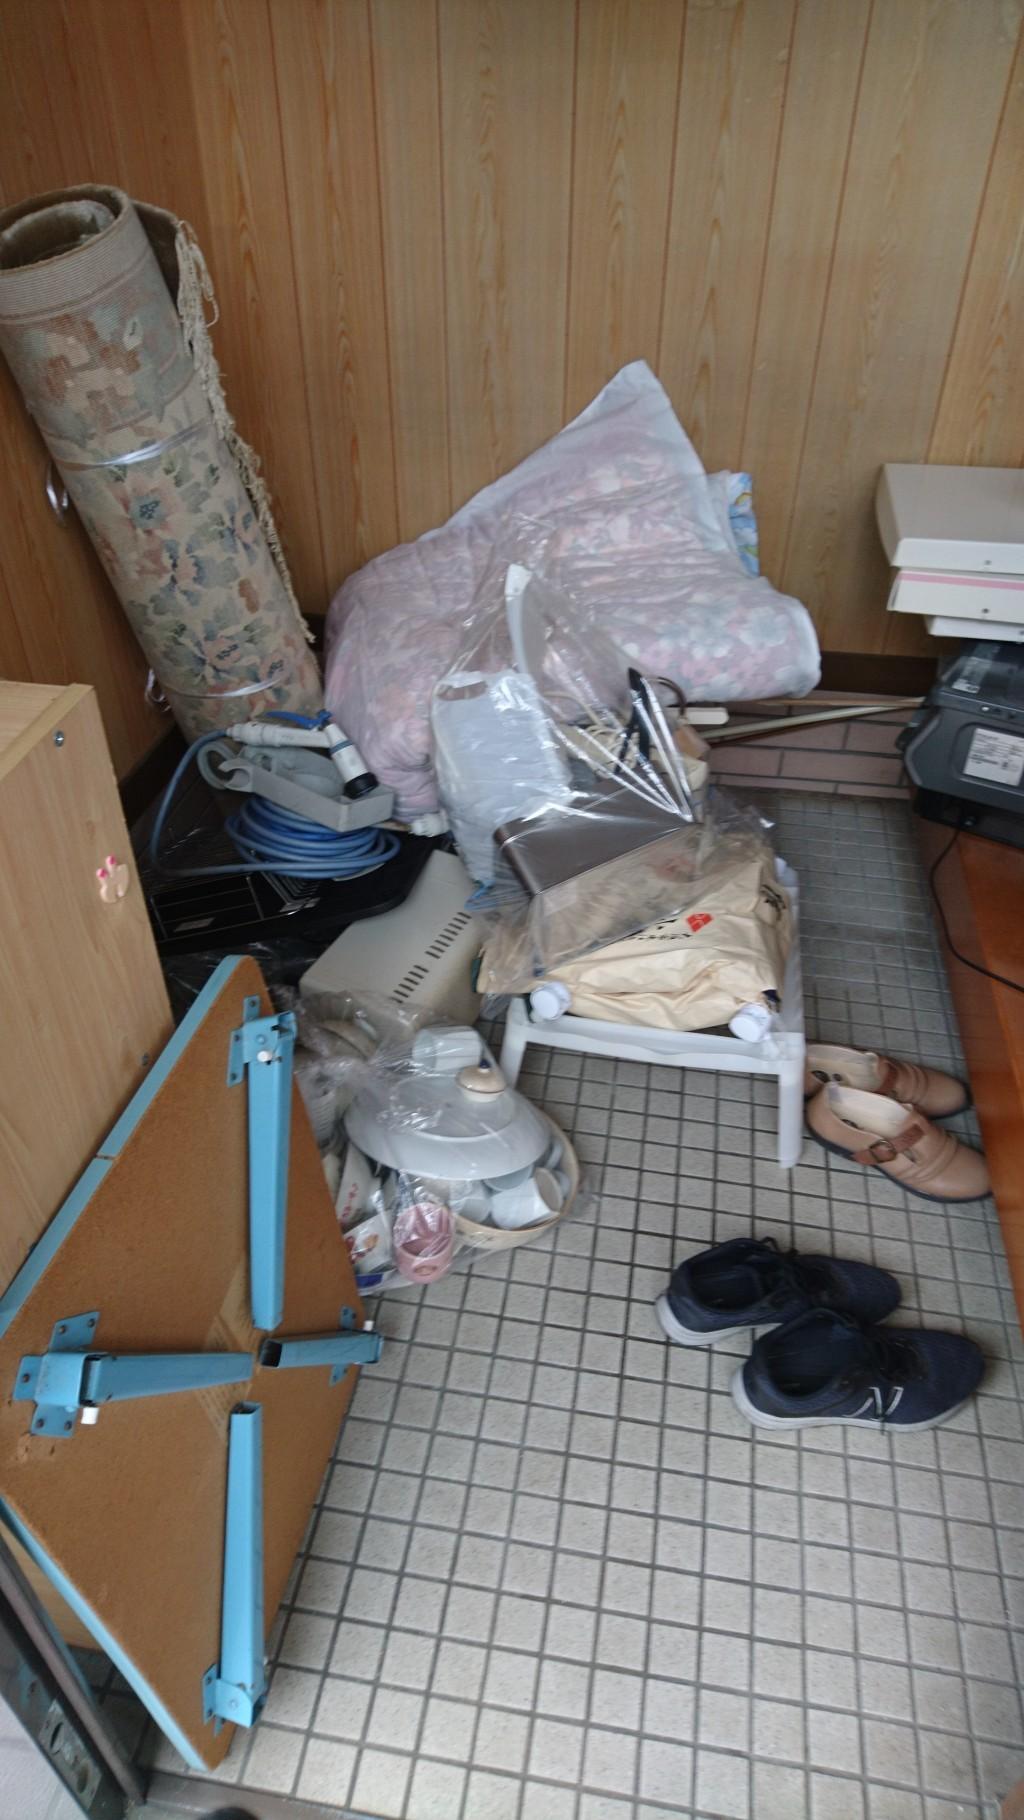 【葛城市】ガスコンロなどの出張不用品回収・処分ご依頼